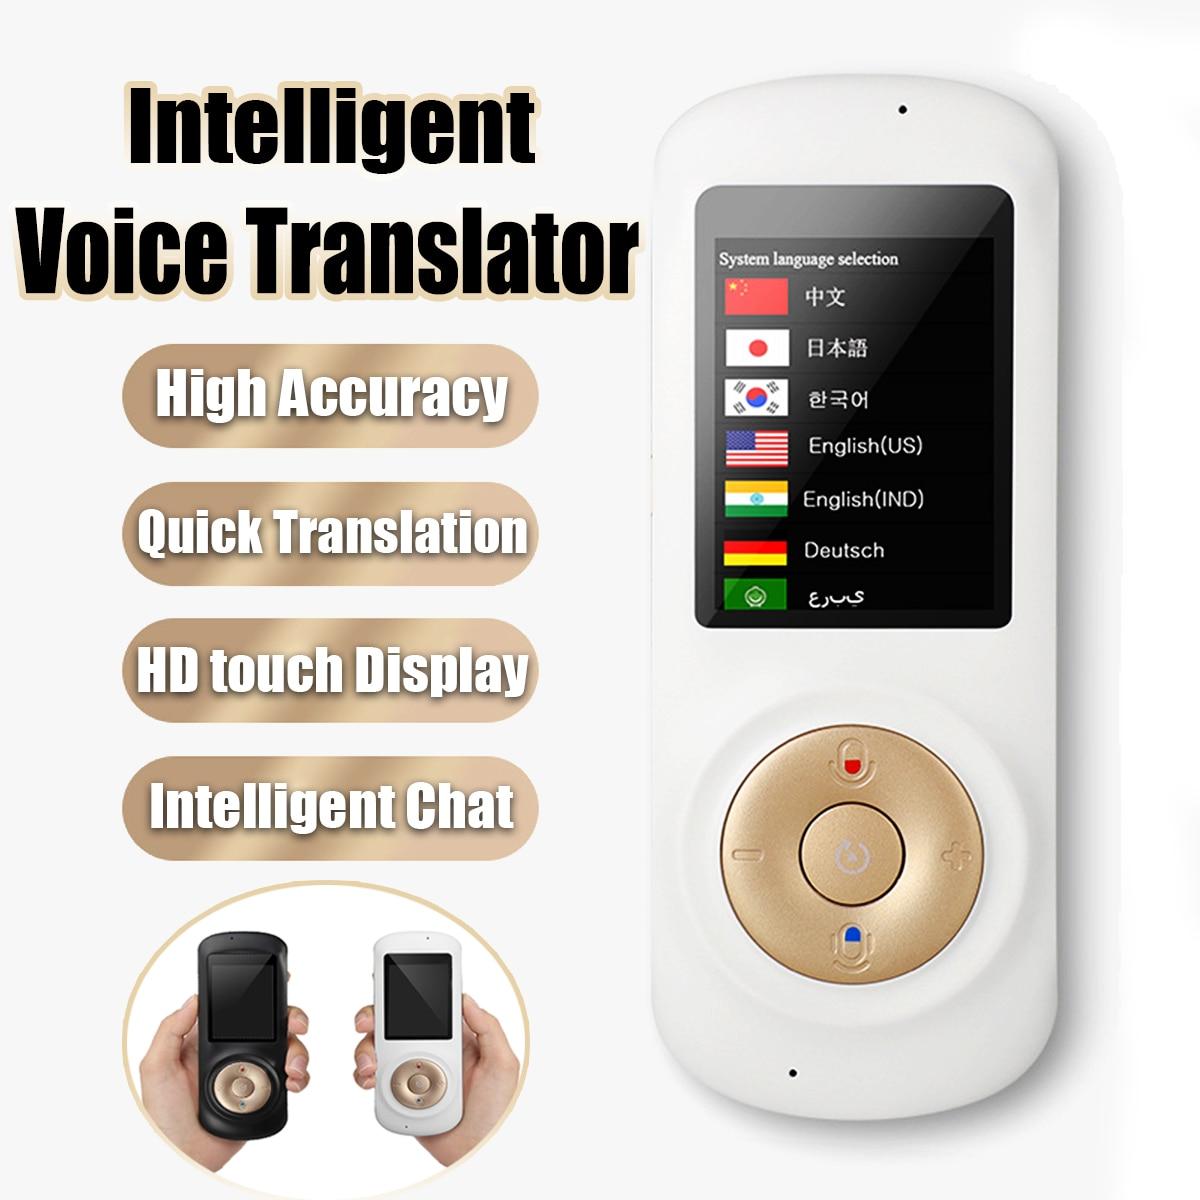 2,4 дюймов умный голос Traductor wifi голосовой переводчик в режиме реального времени 42 многоязычный перевод для путешествий бизнес-обучения